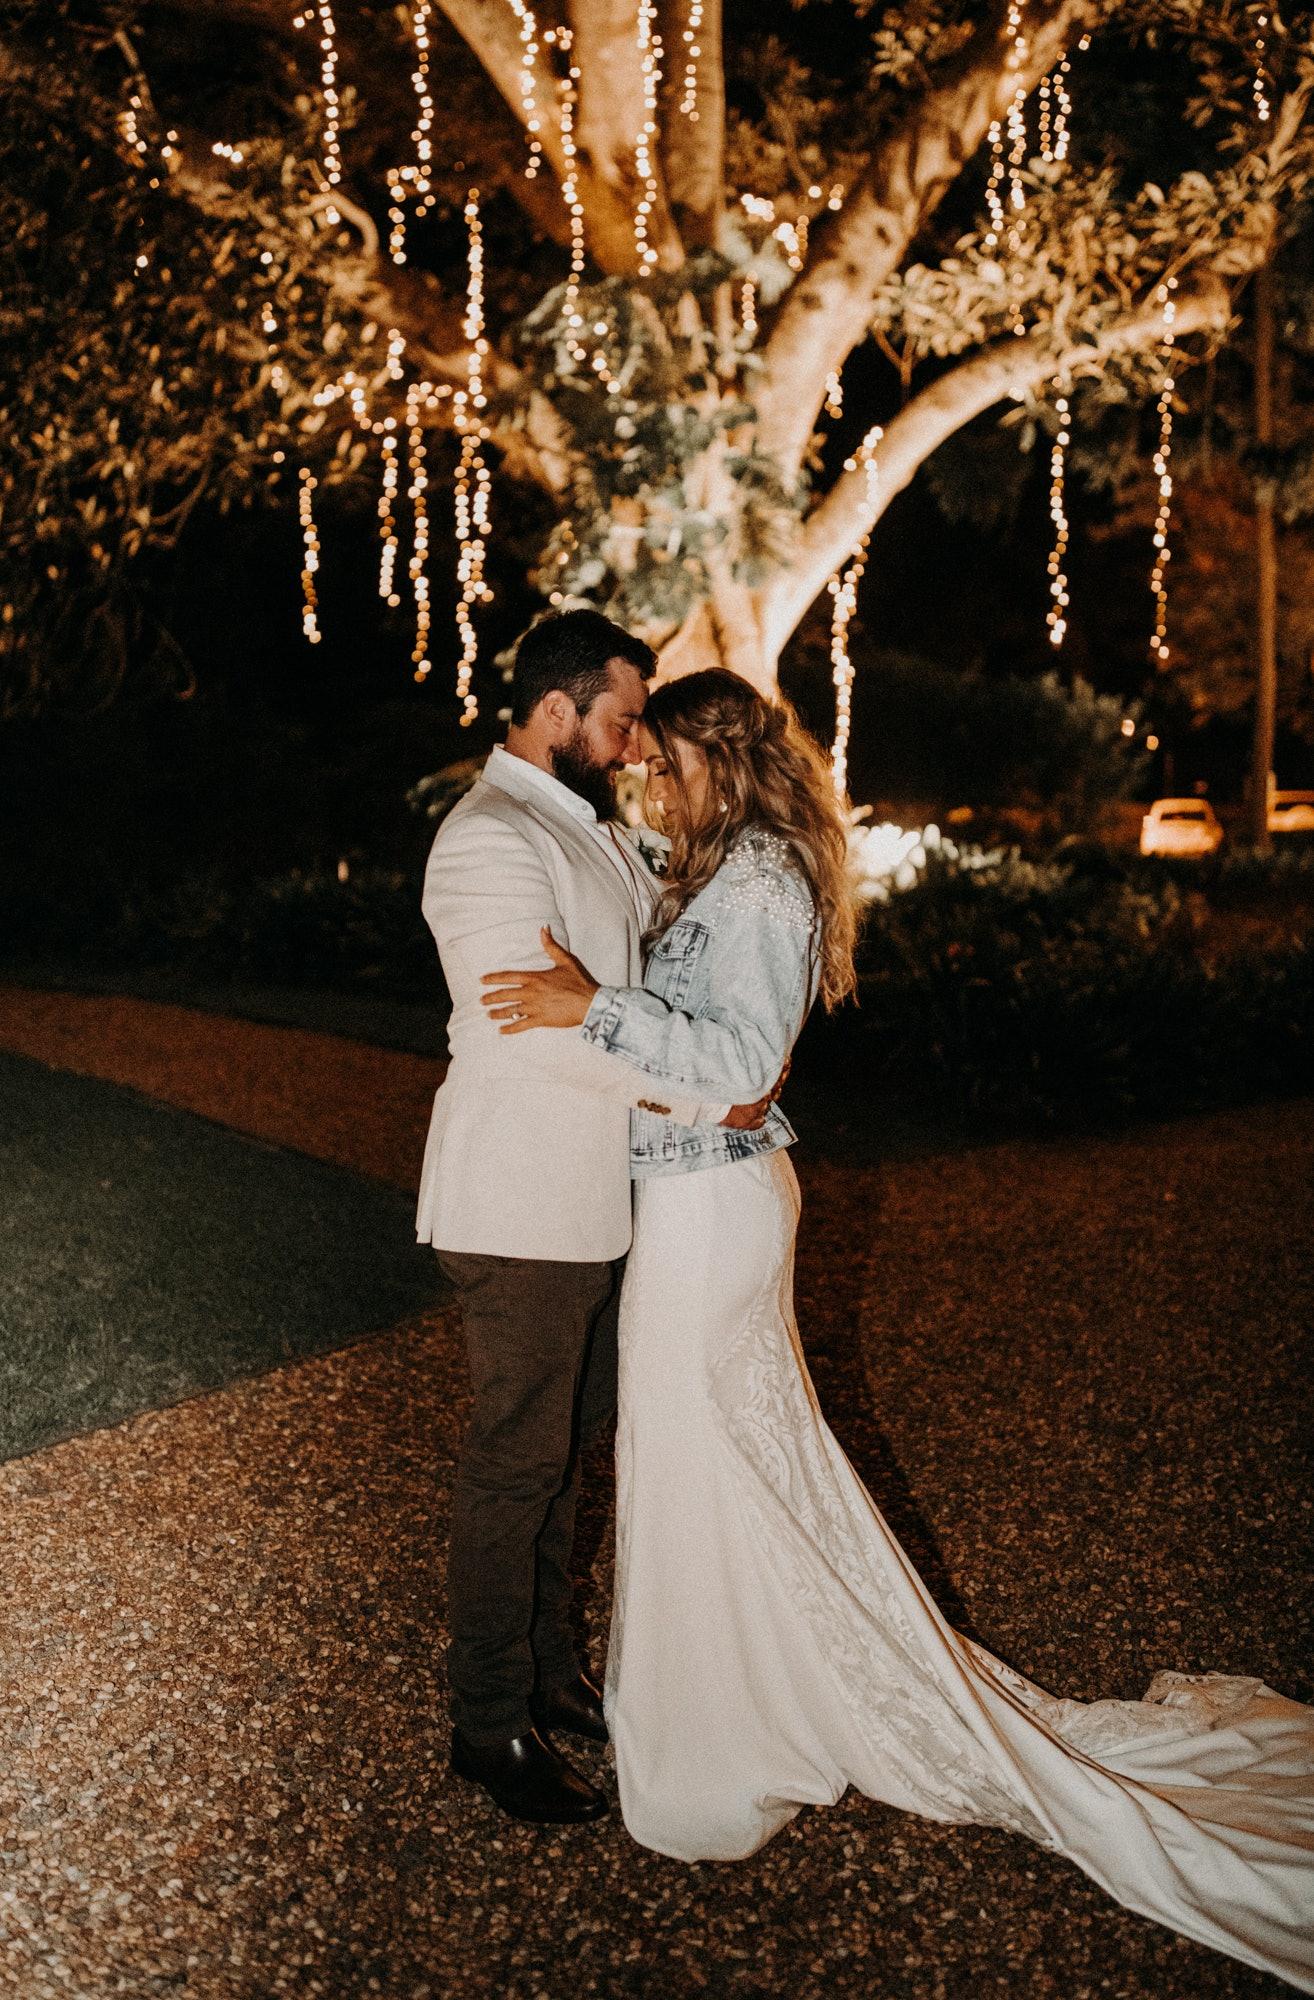 Bride and Groom in night garden